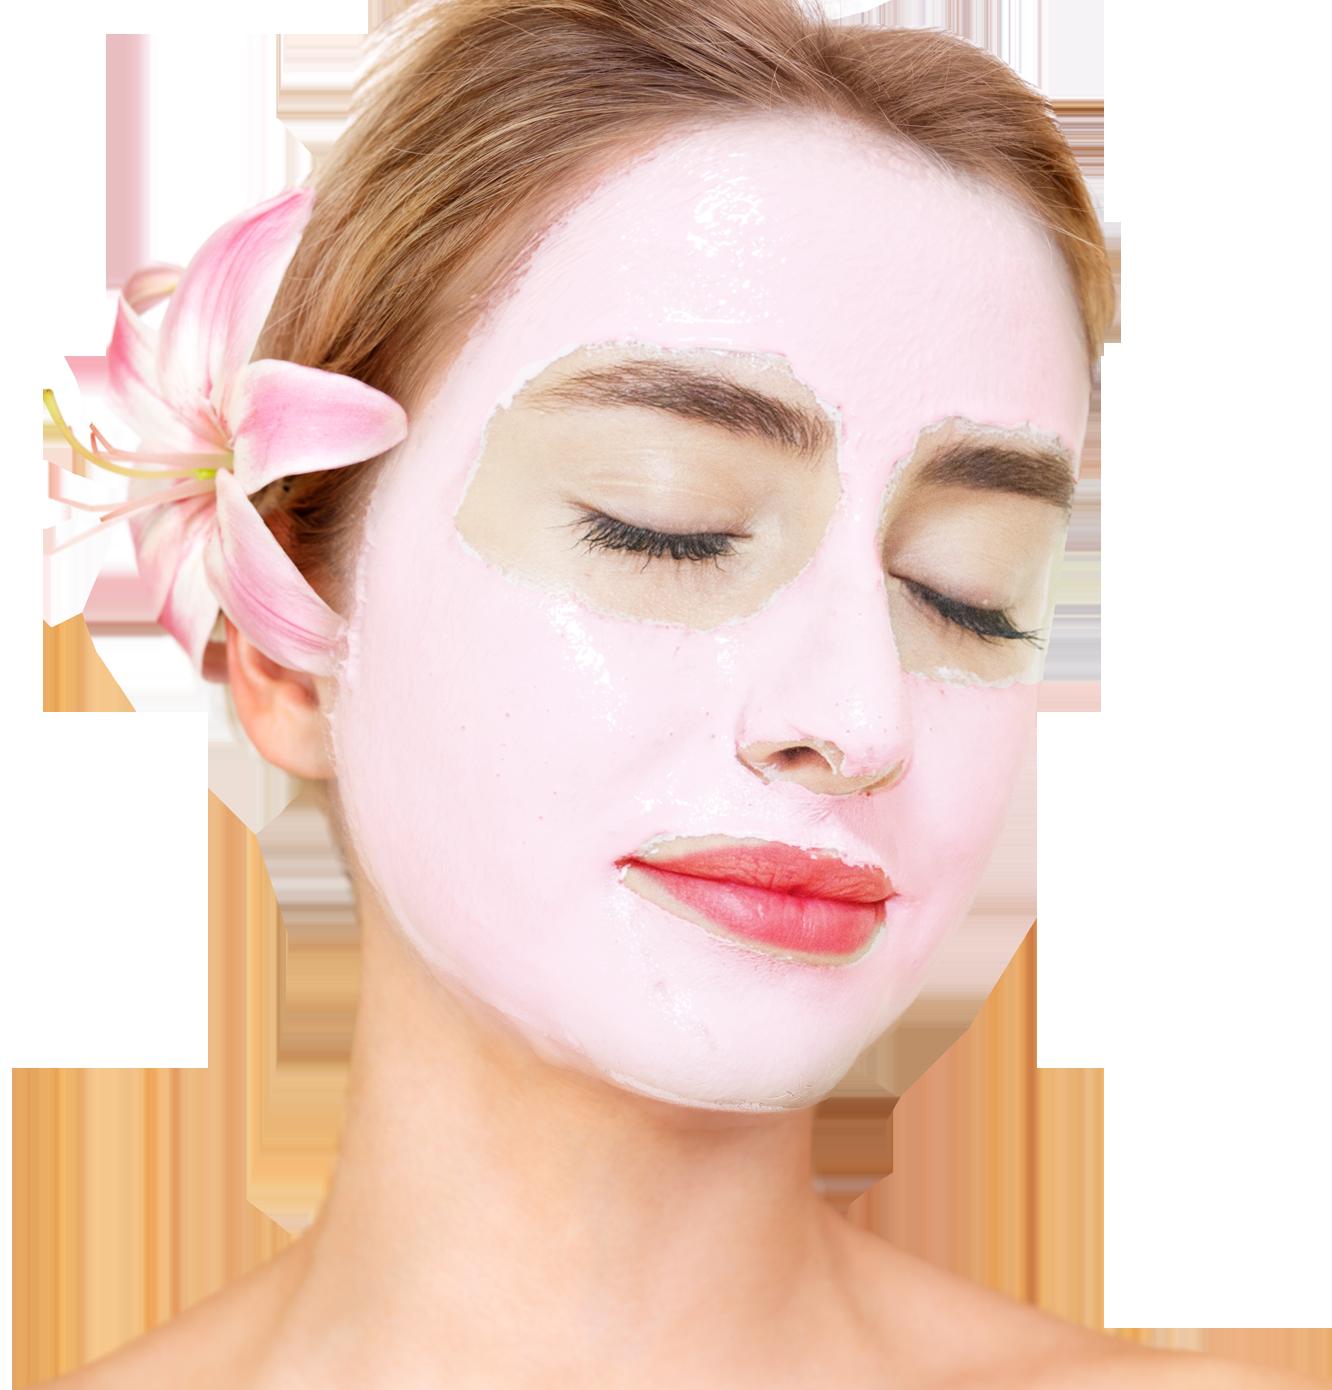 Pembe maske nasıl kullanılır? | Kadınlar ve Sağlık